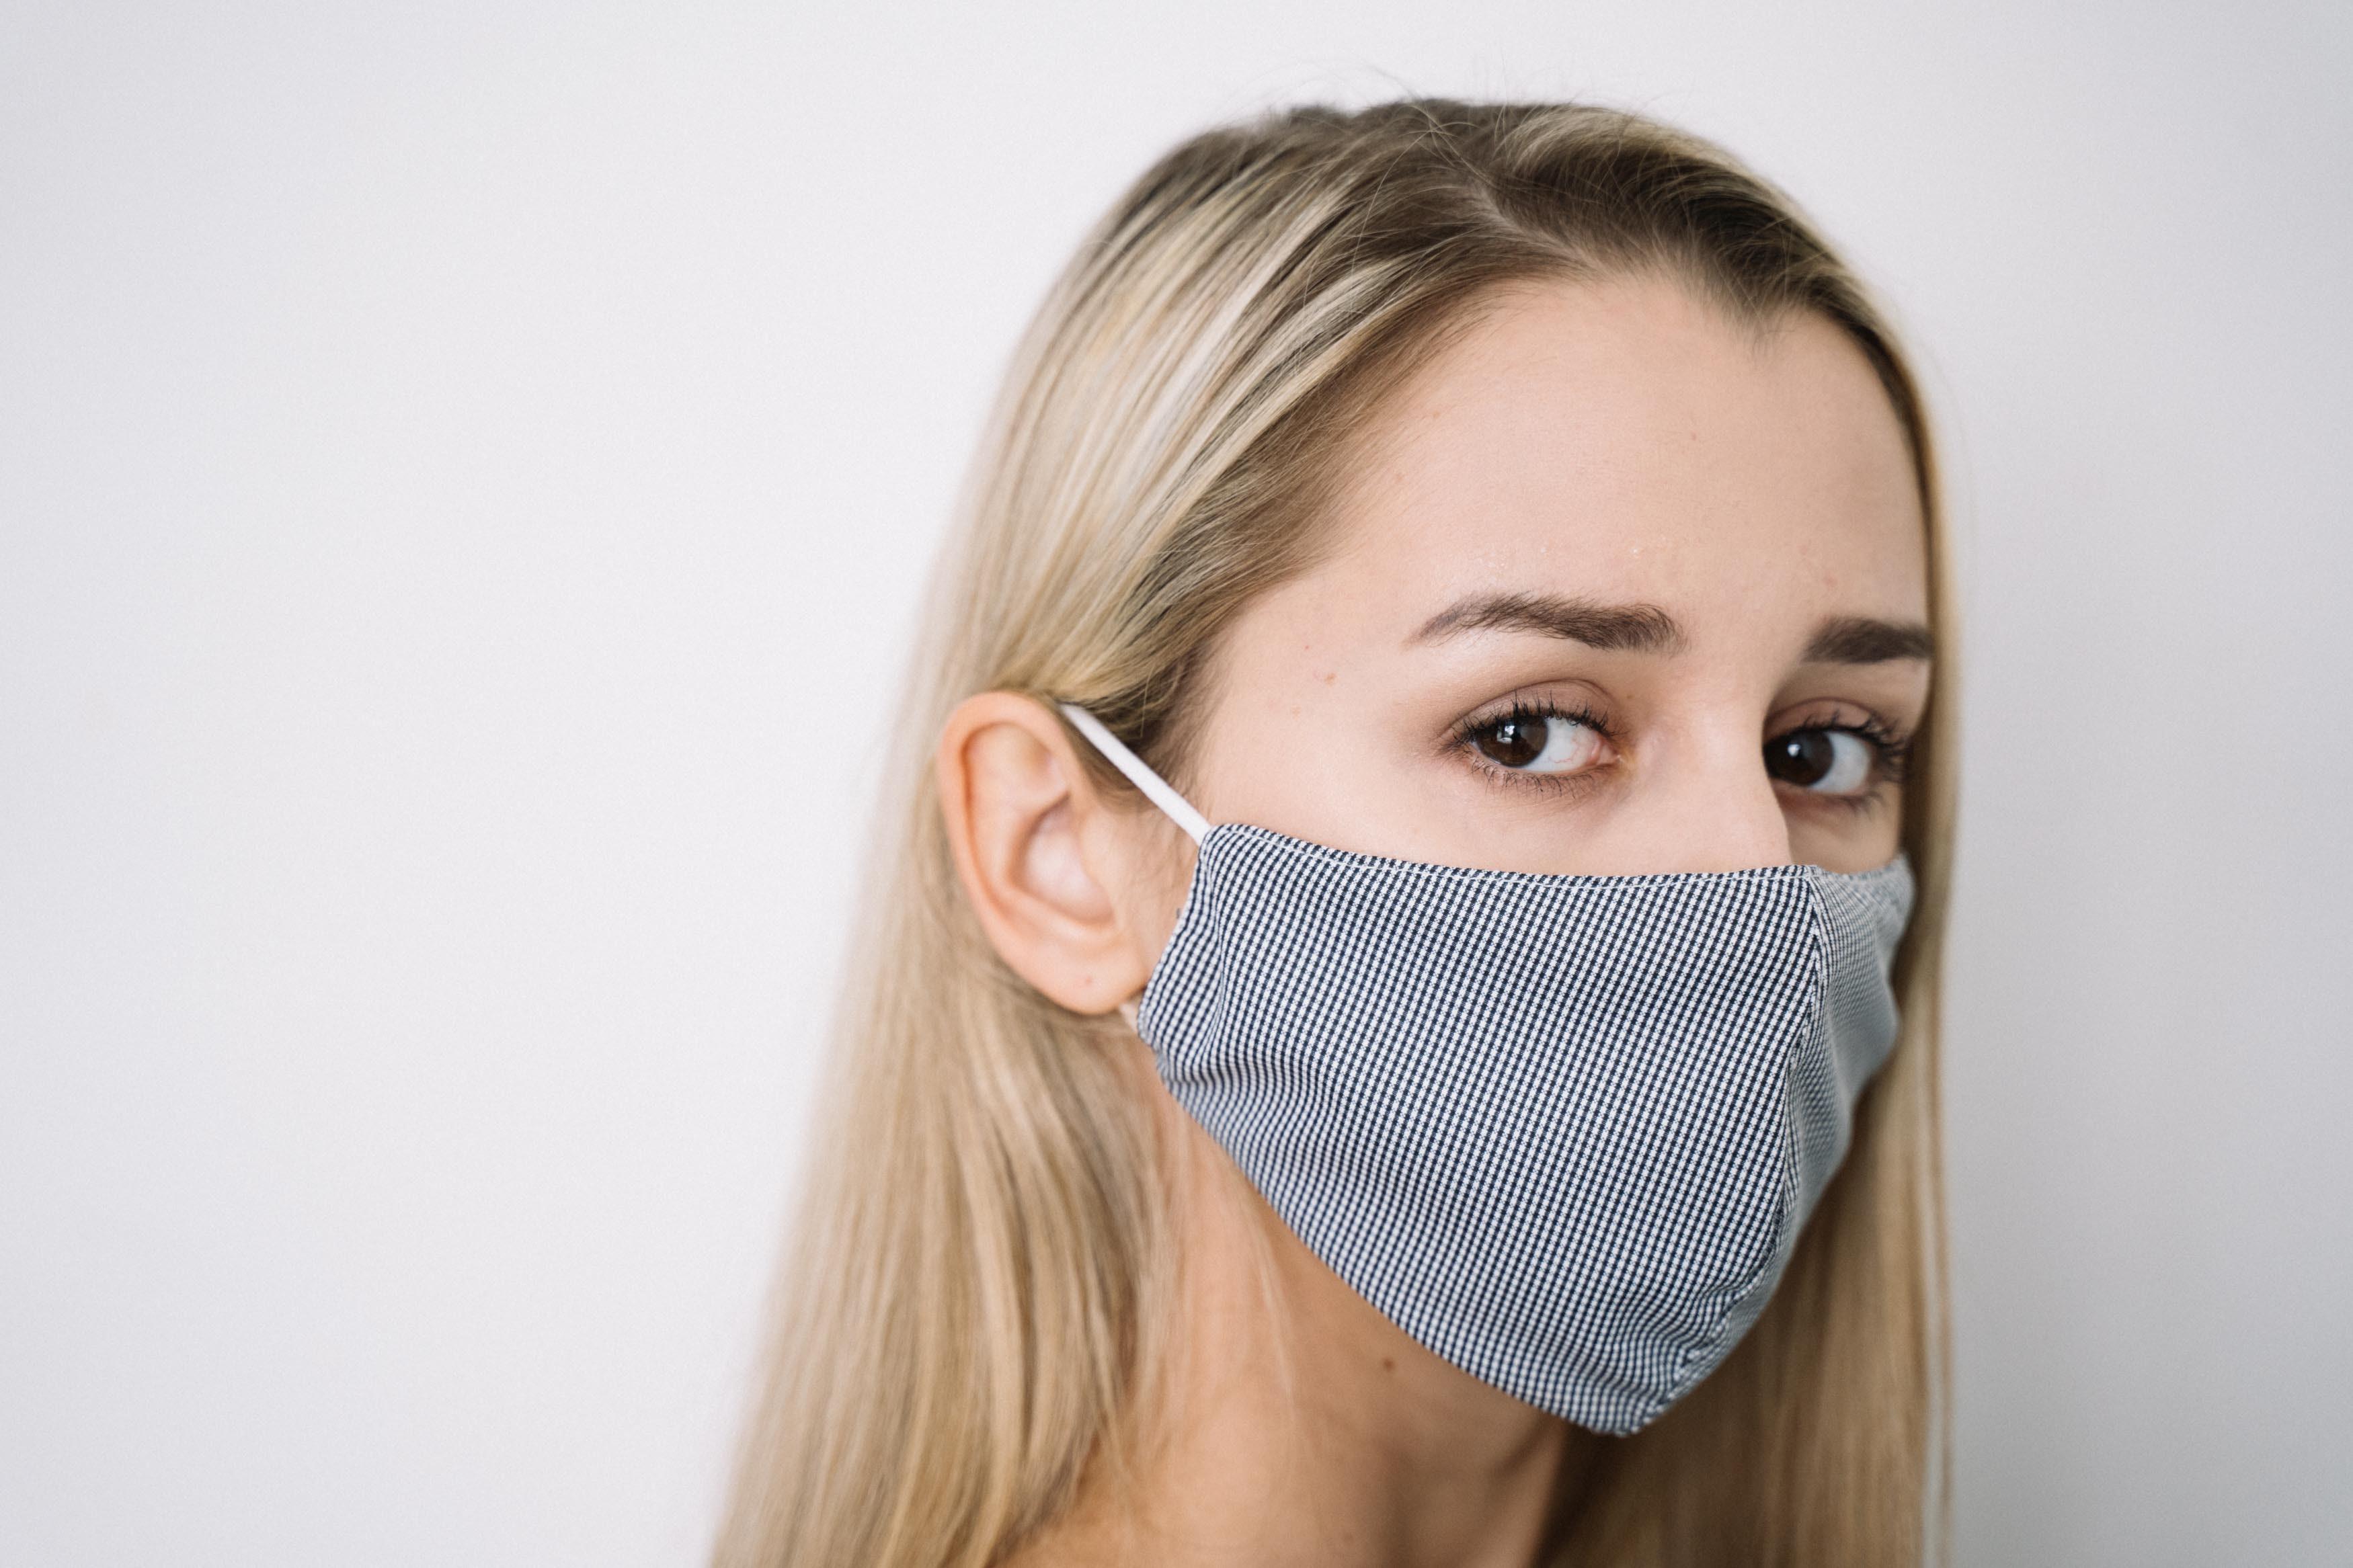 Jak radzić sobie znietrzymaniem moczu wczasach pandemii COVID-19?